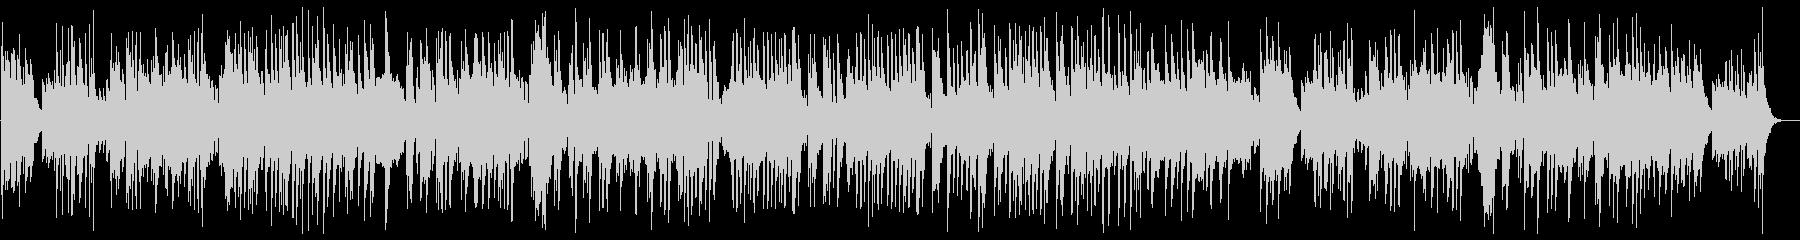 可憐で軽やかなクラシカルピアノサウンドの未再生の波形